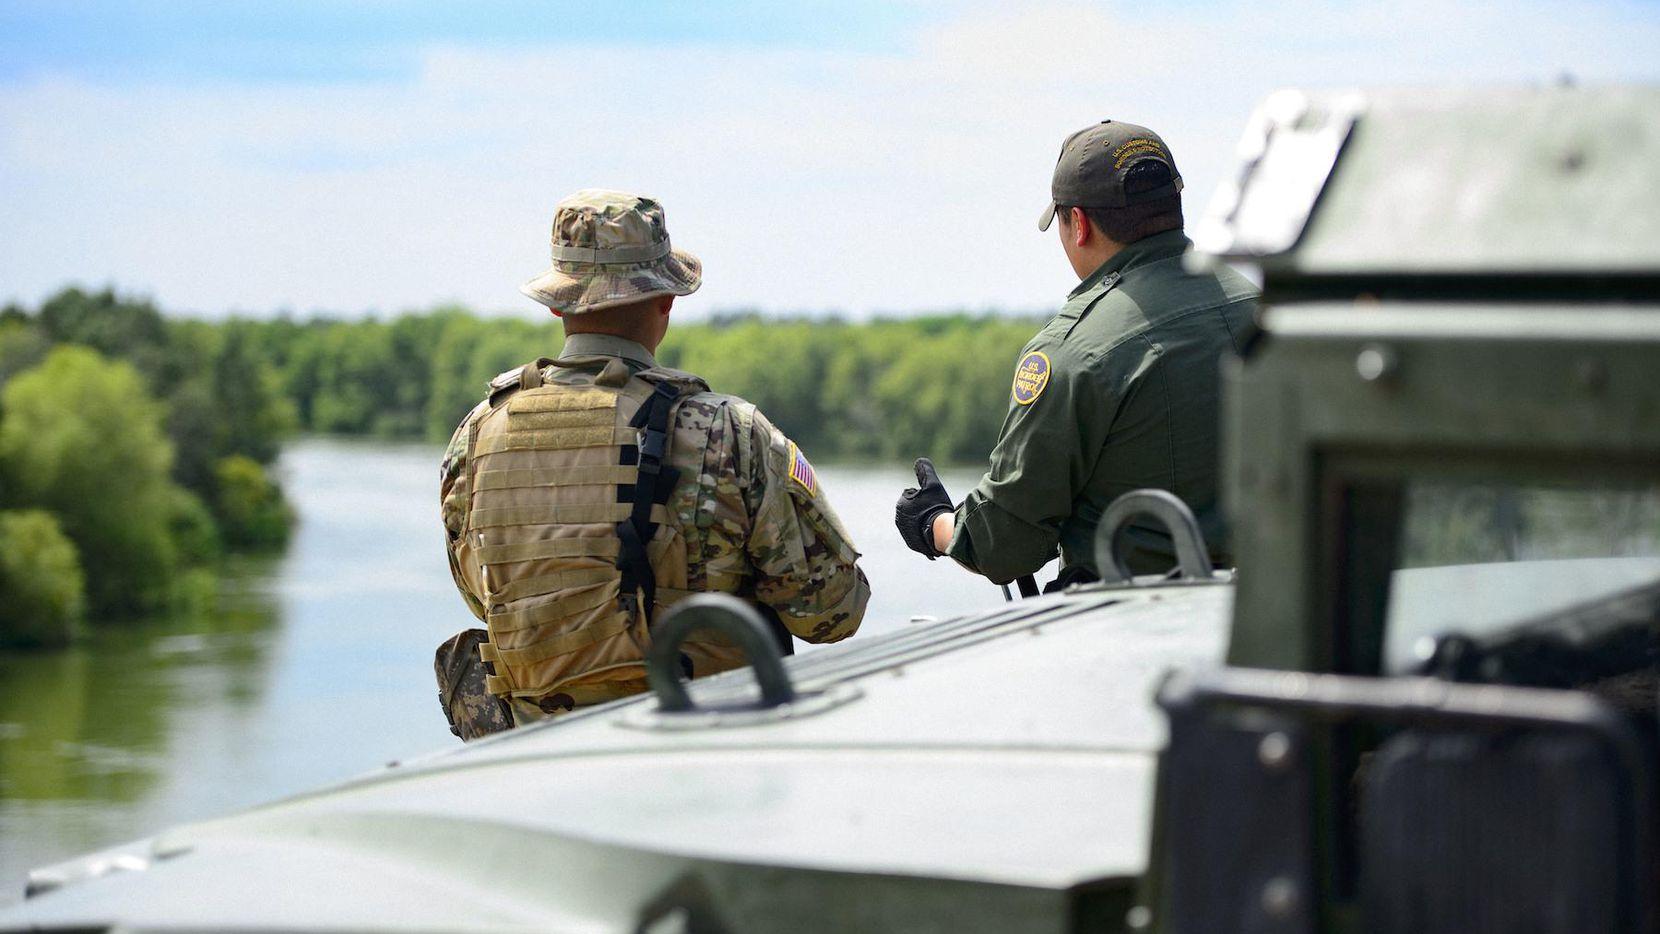 Un agente de la Patrulla Fronteriza es acompañado de un soldado en labores de vigilancia de el Río Grande, al sur de Texas.(AP)